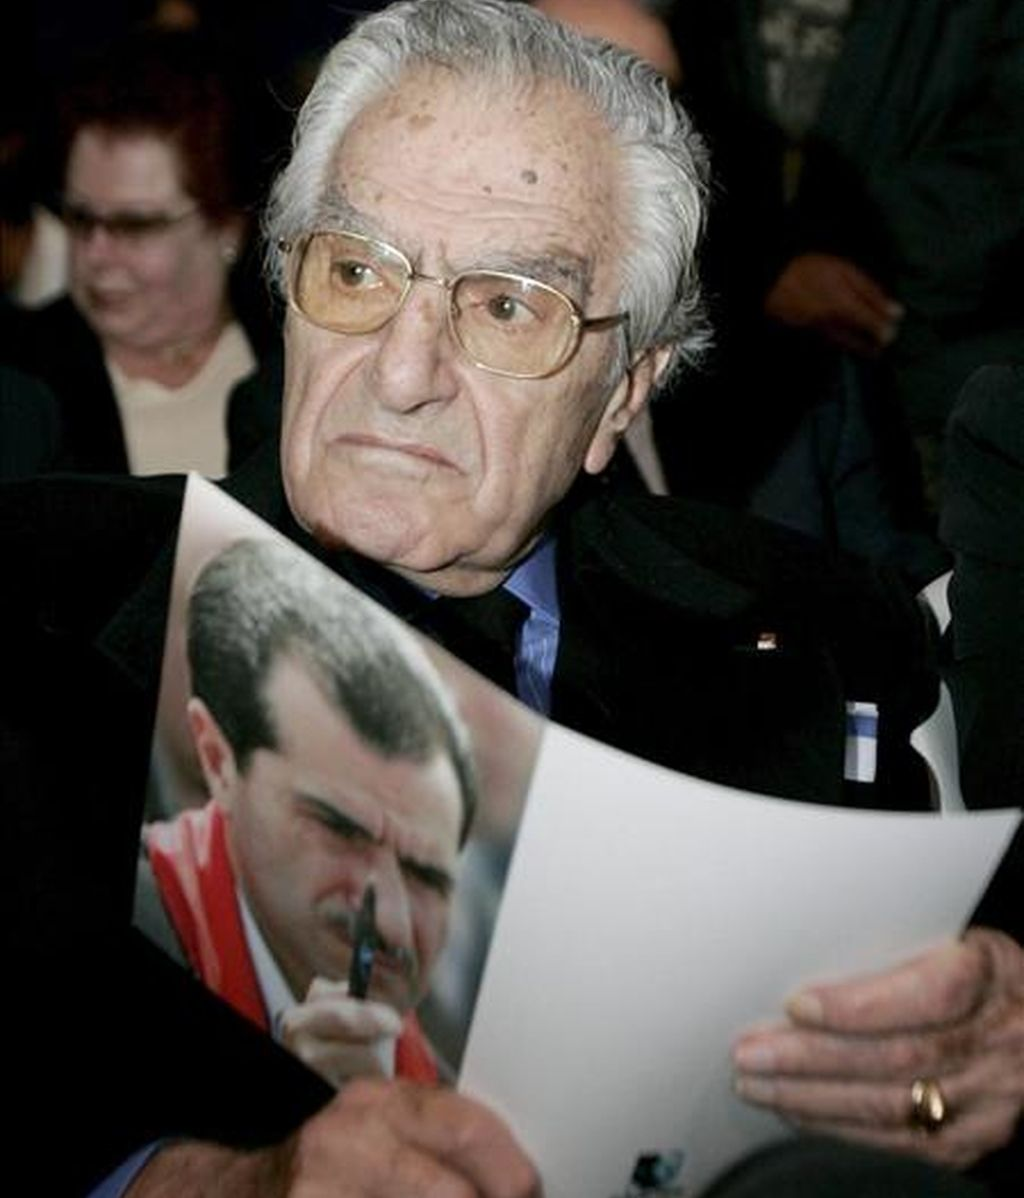 El padre del periodista asesinado Jubran Tueni, Ghassan Tueni, sostiene una foto de su hijo durante el acto en el que se entregó el premio que lleva su nombre a la redactora jefa del Yemen Times Nadia Abdel-Aziz al-Sakkaf. EFE/Archivo